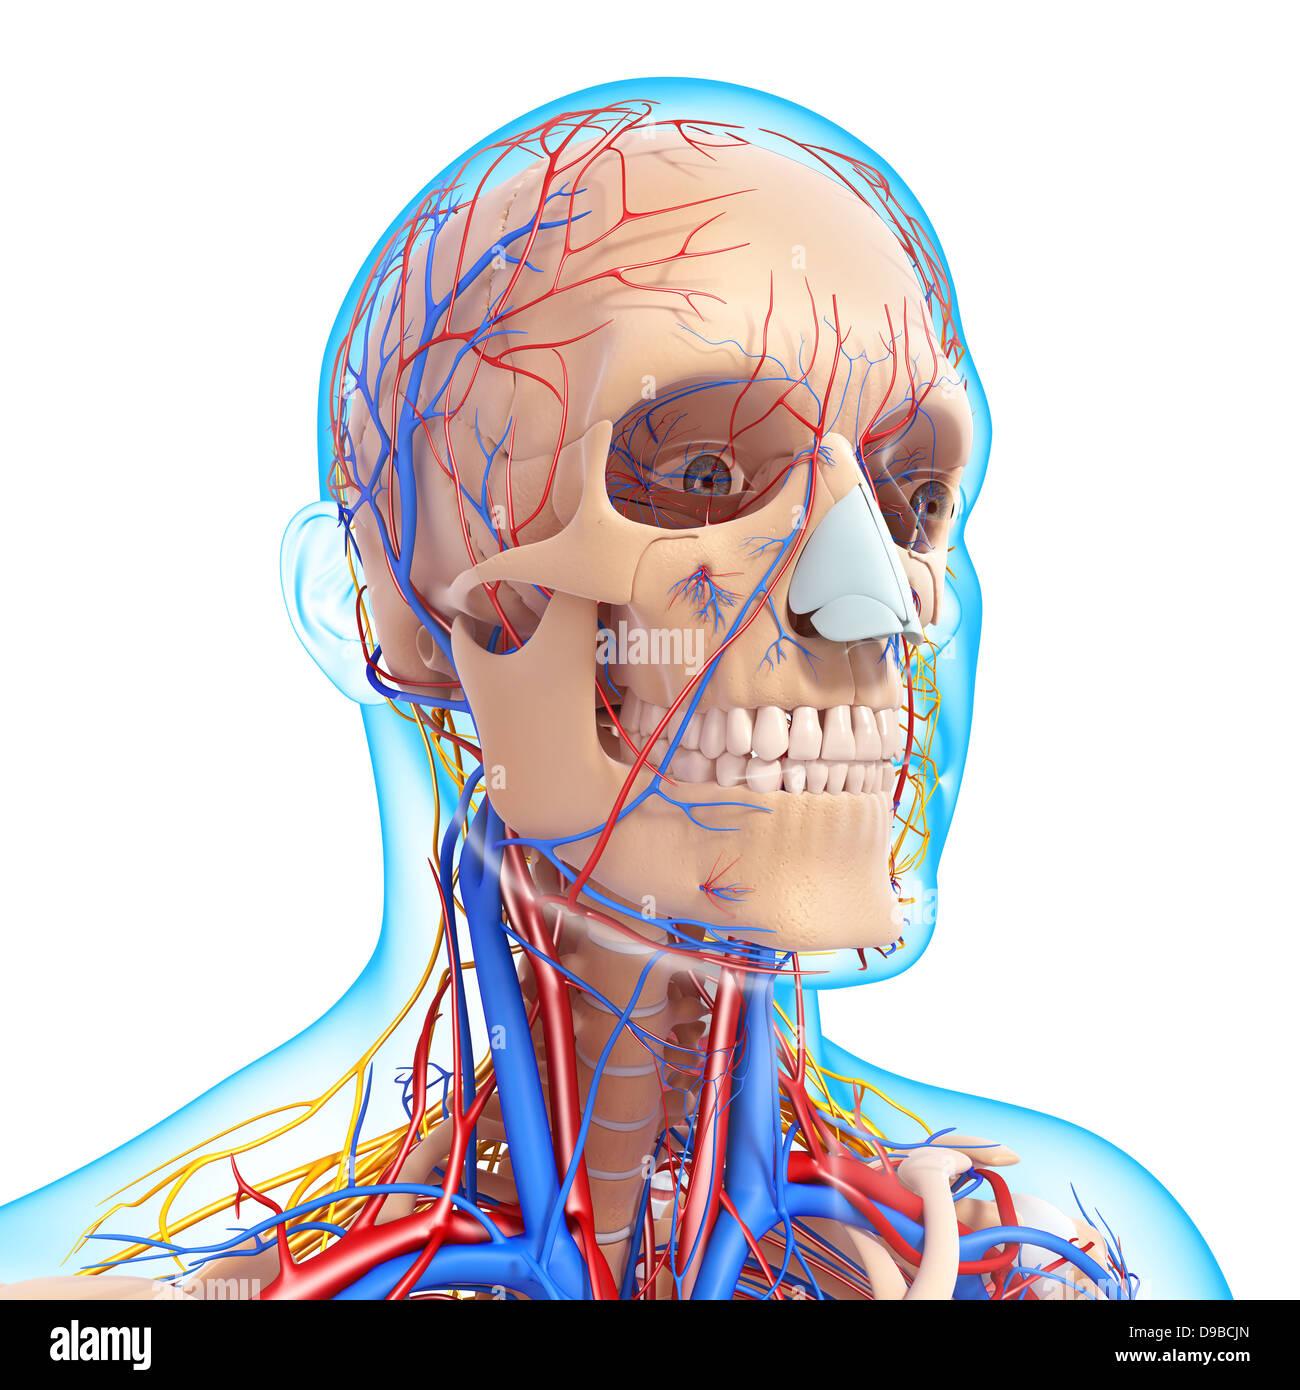 Circulatory System Imágenes De Stock & Circulatory System Fotos De ...